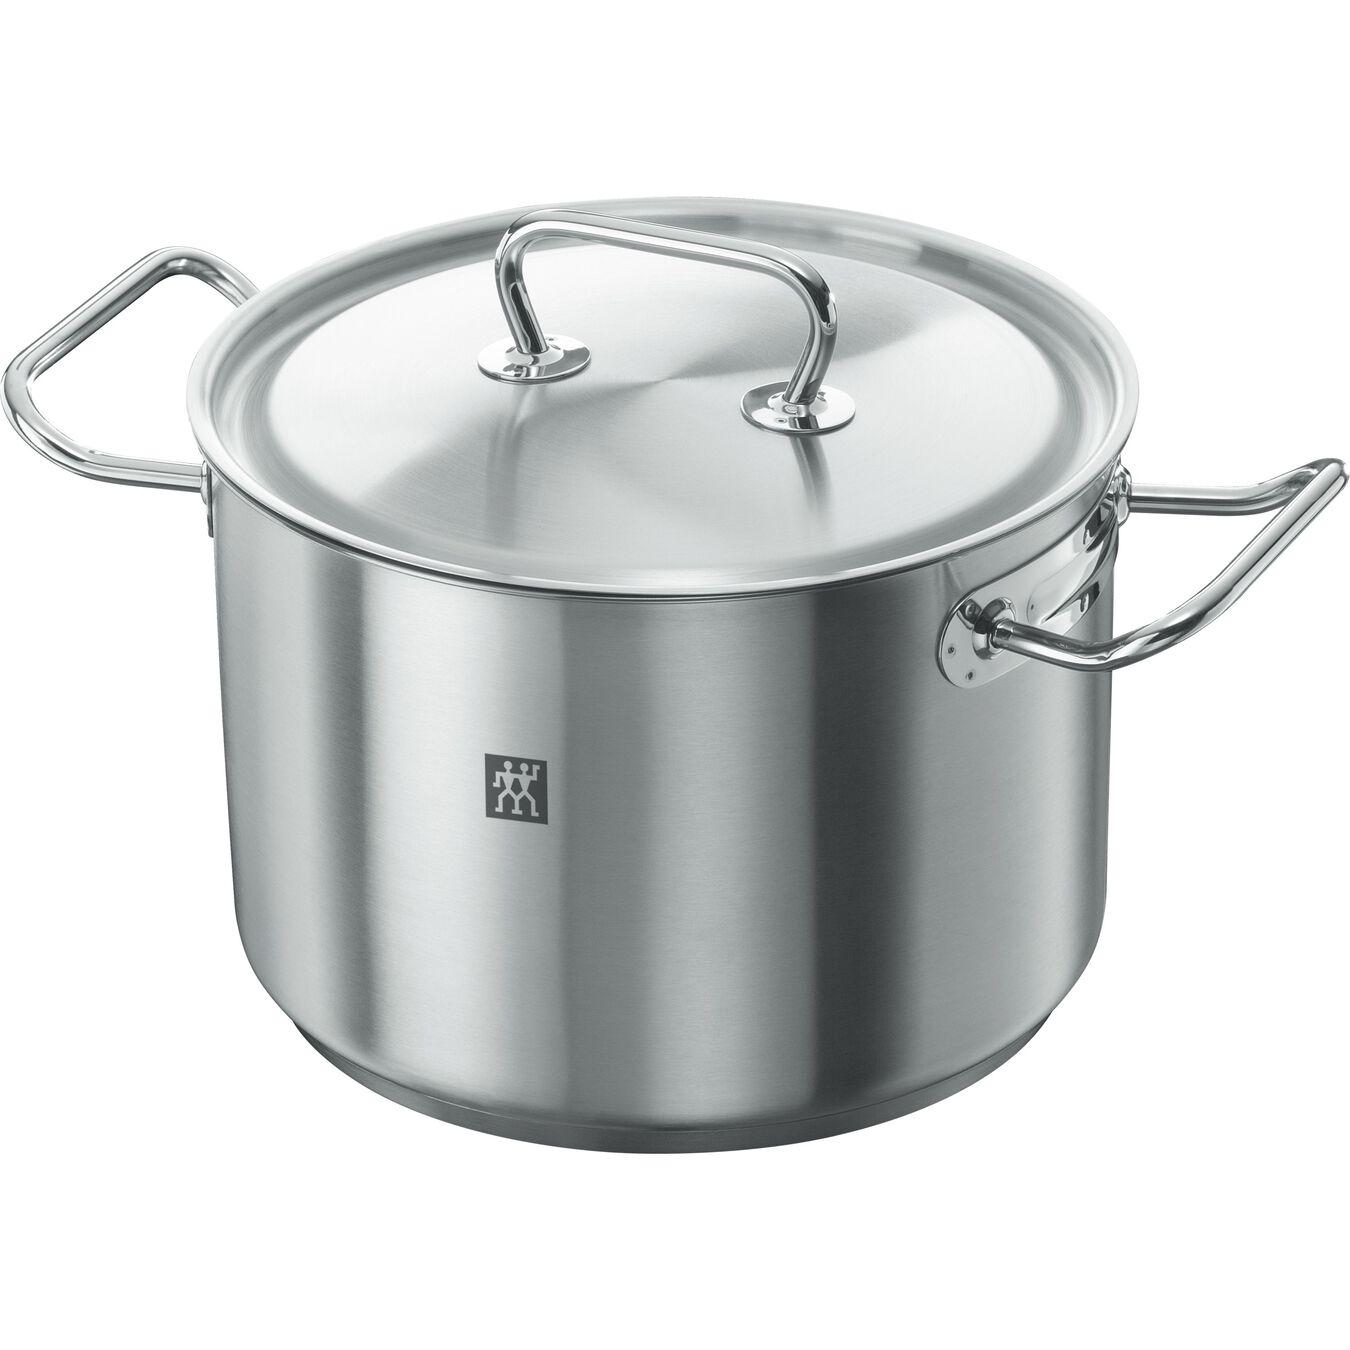 Ensemble de casseroles 5-pcs,,large 10